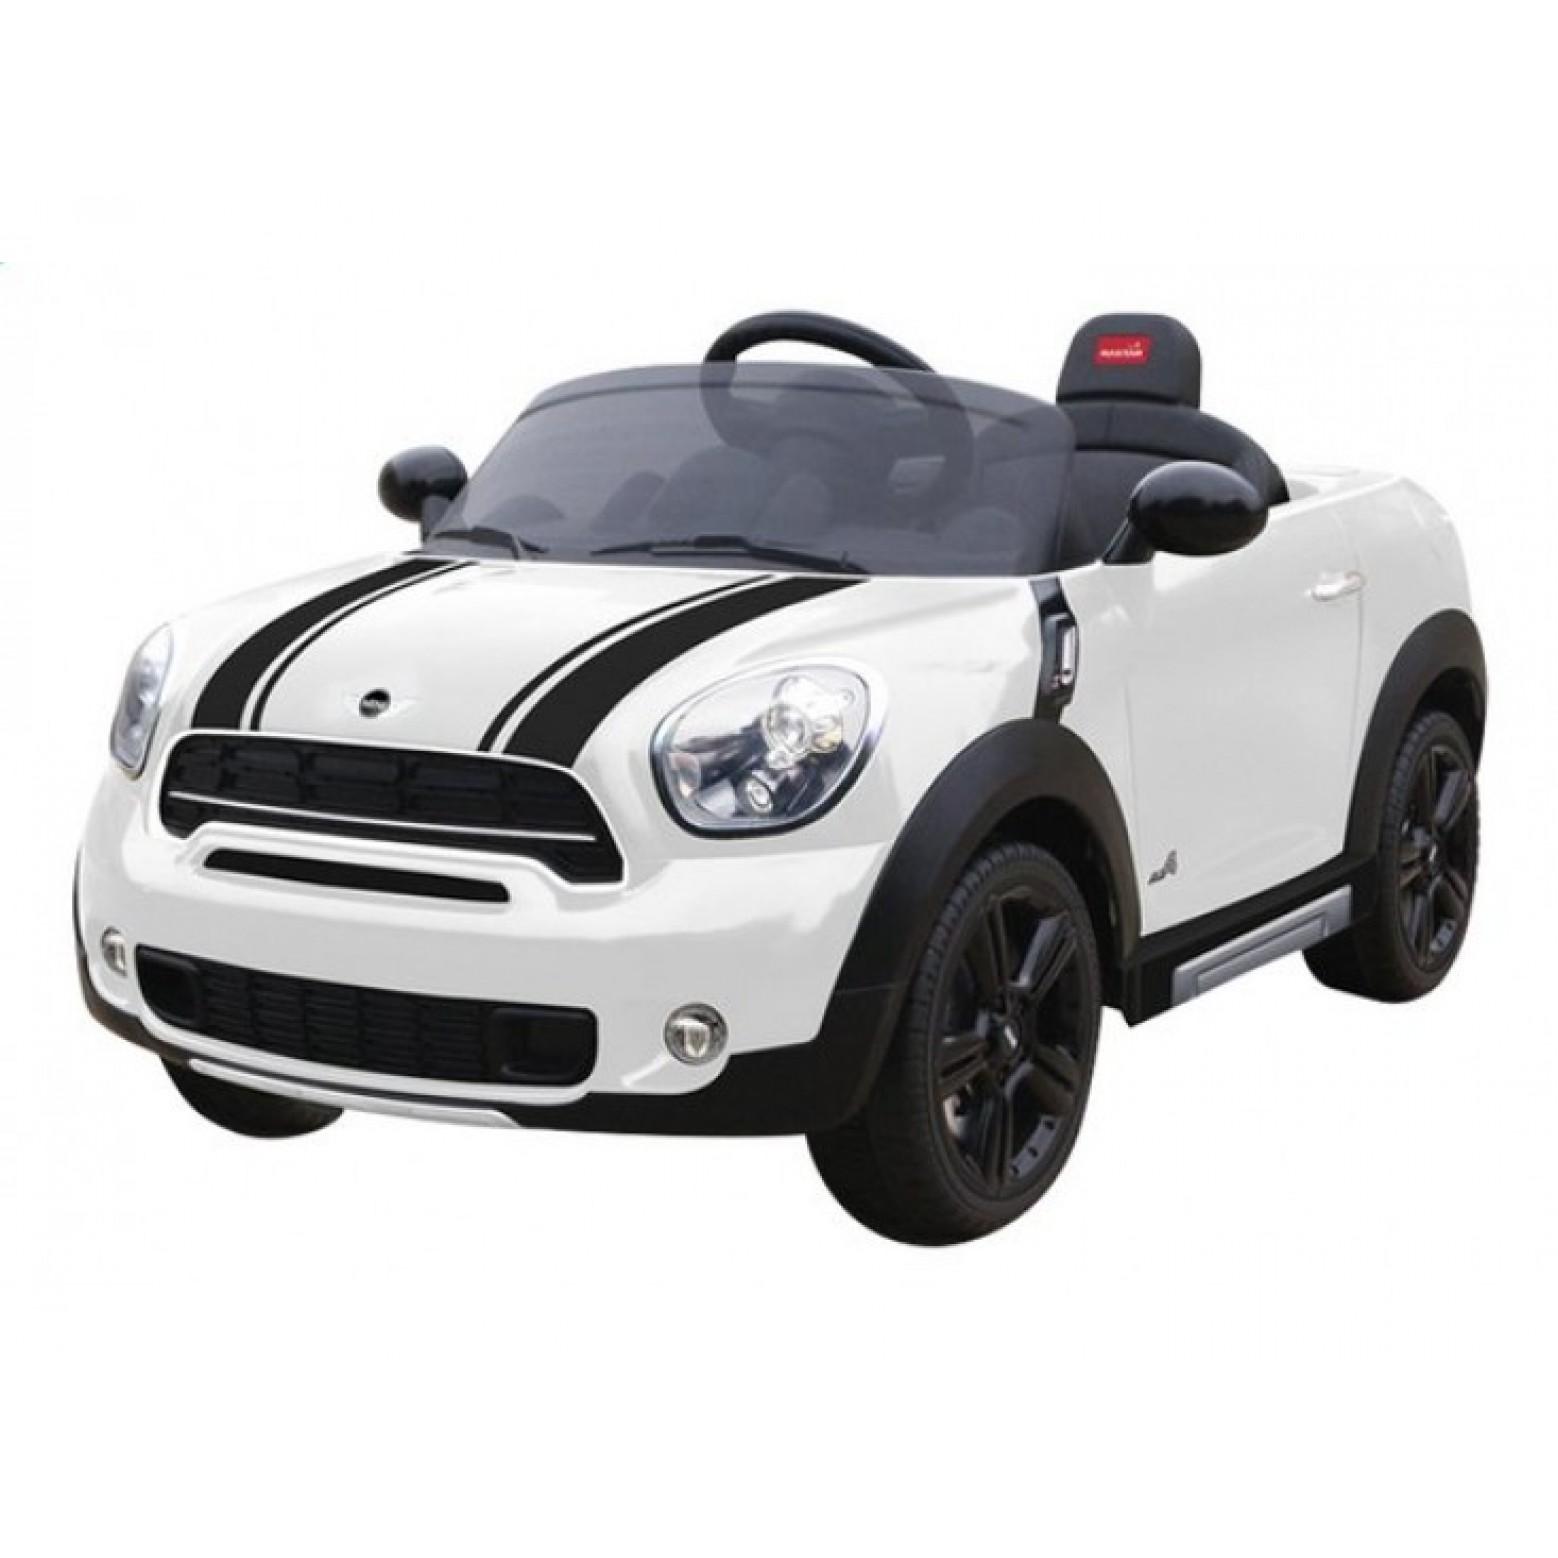 Mini Countryman Accu Auto Wit